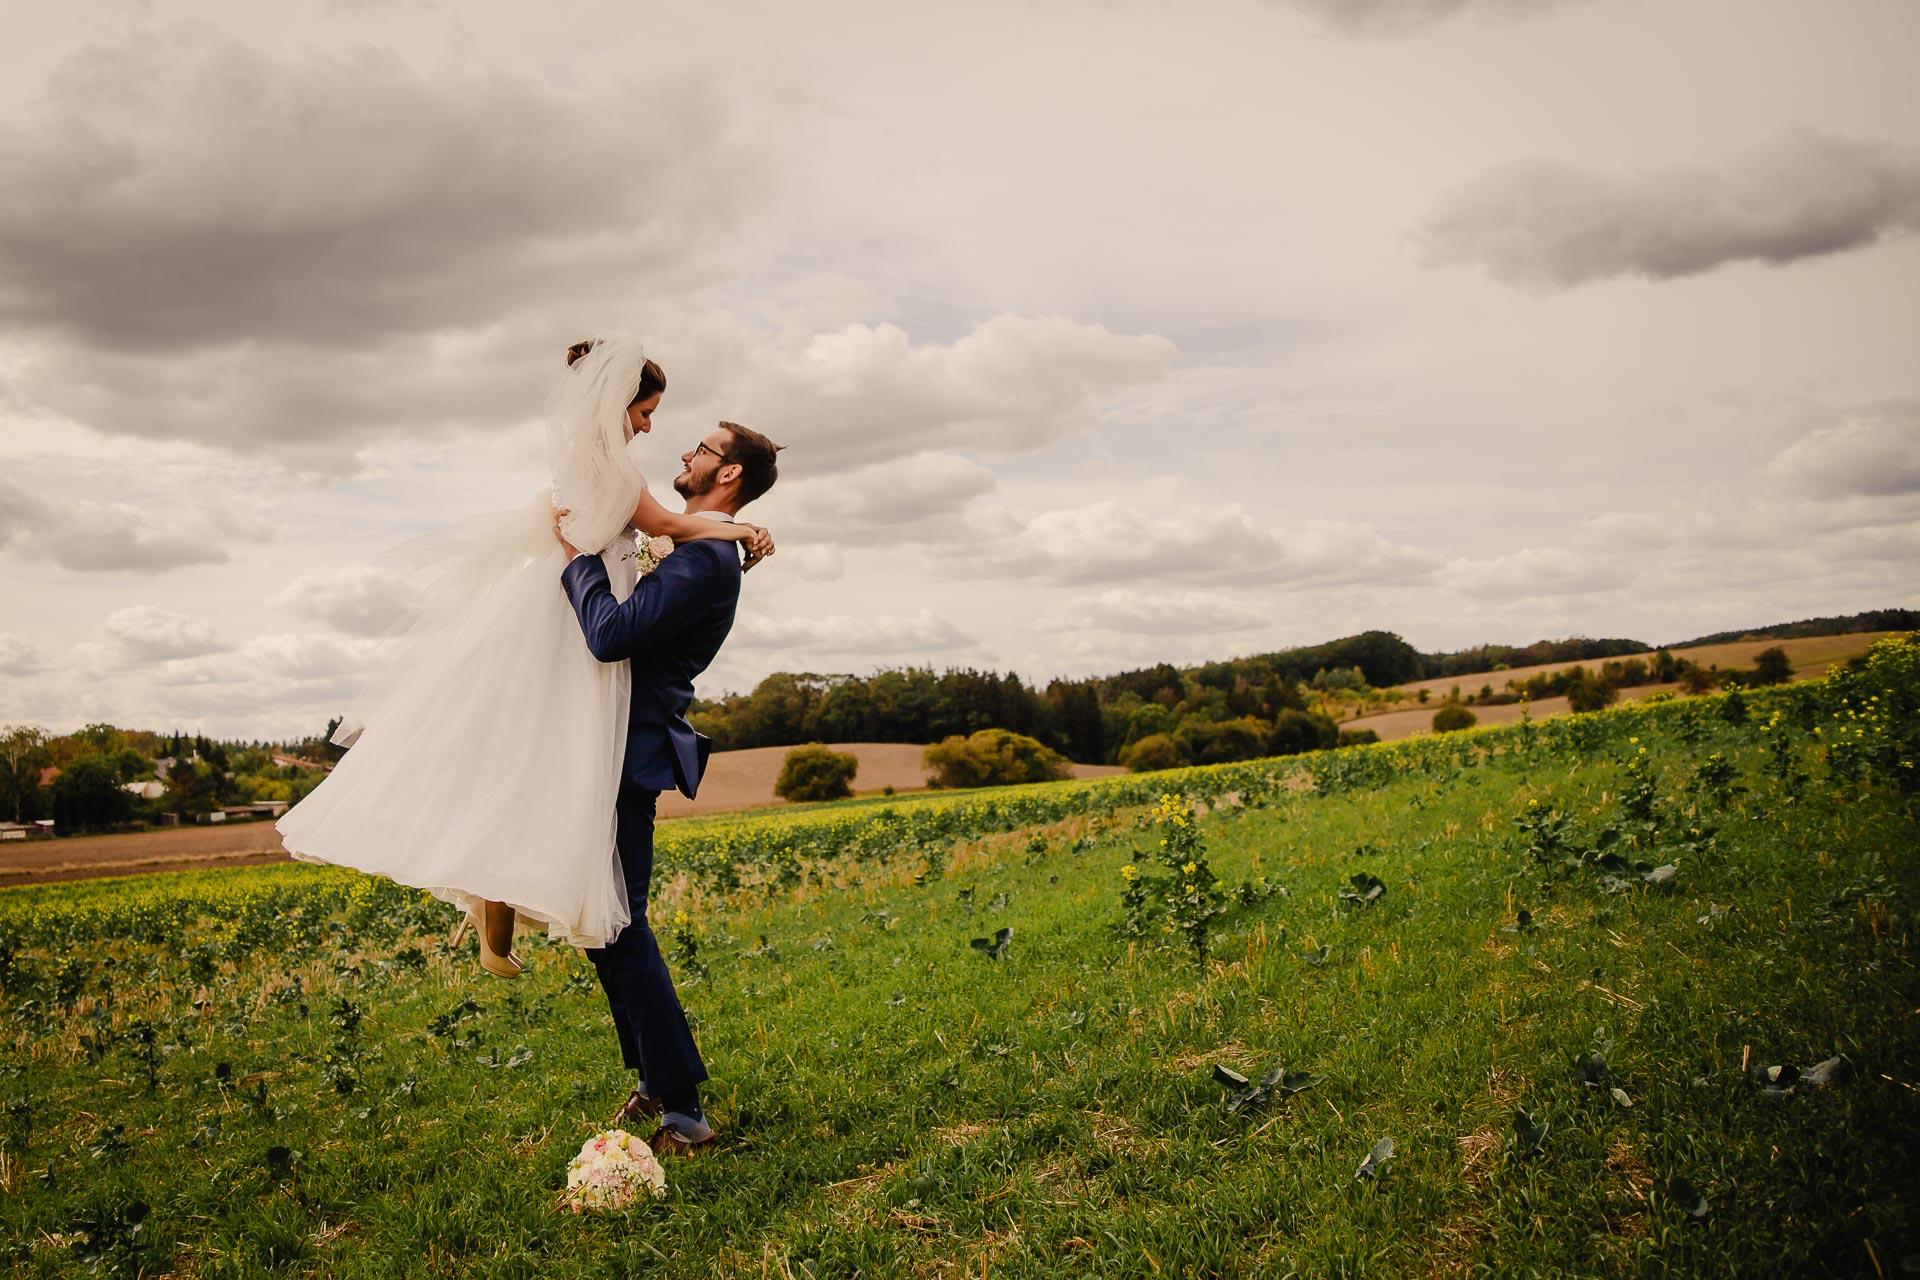 svatební fotograf Praha,svatba střední čechy, církevní obřad, svatba v kostele, nejhezčí svatební fotografie-2920